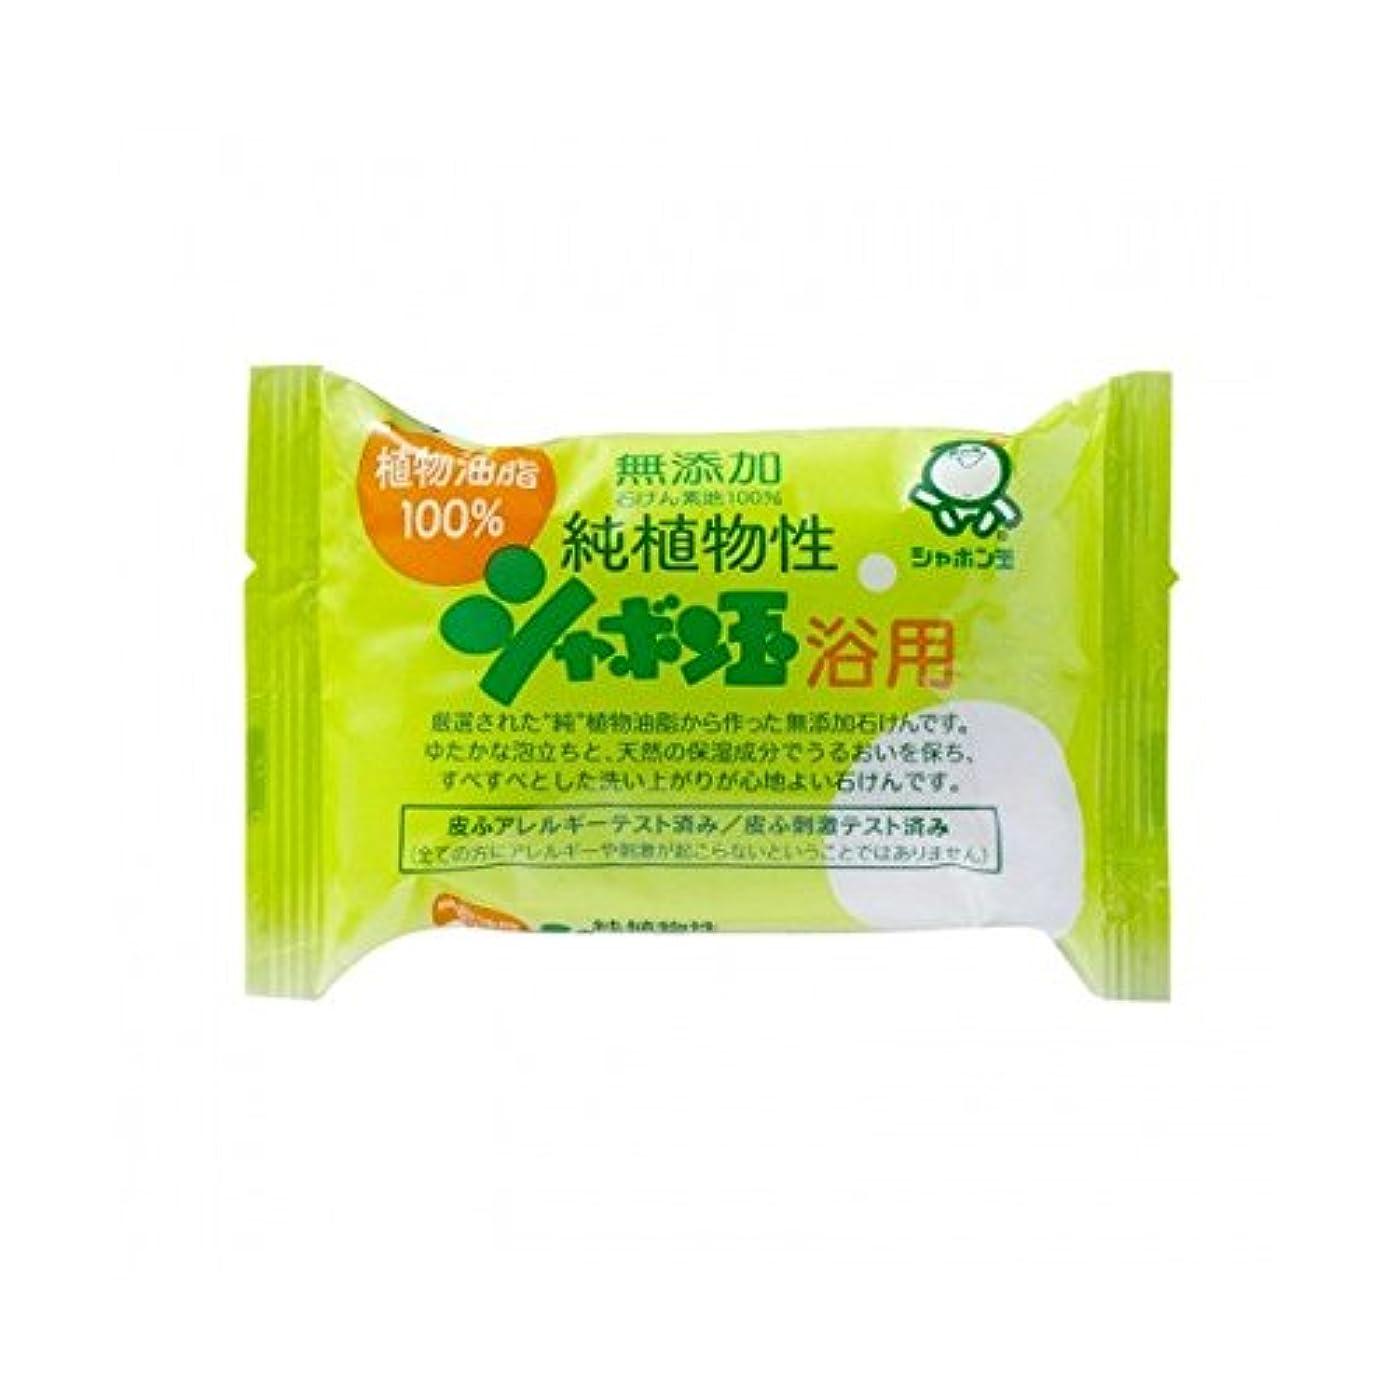 非常に怒っています直径構築するシャボン玉石けん シャボン玉 純植物性 浴用 100g(無添加石鹸)×120点セット (4901797003013)